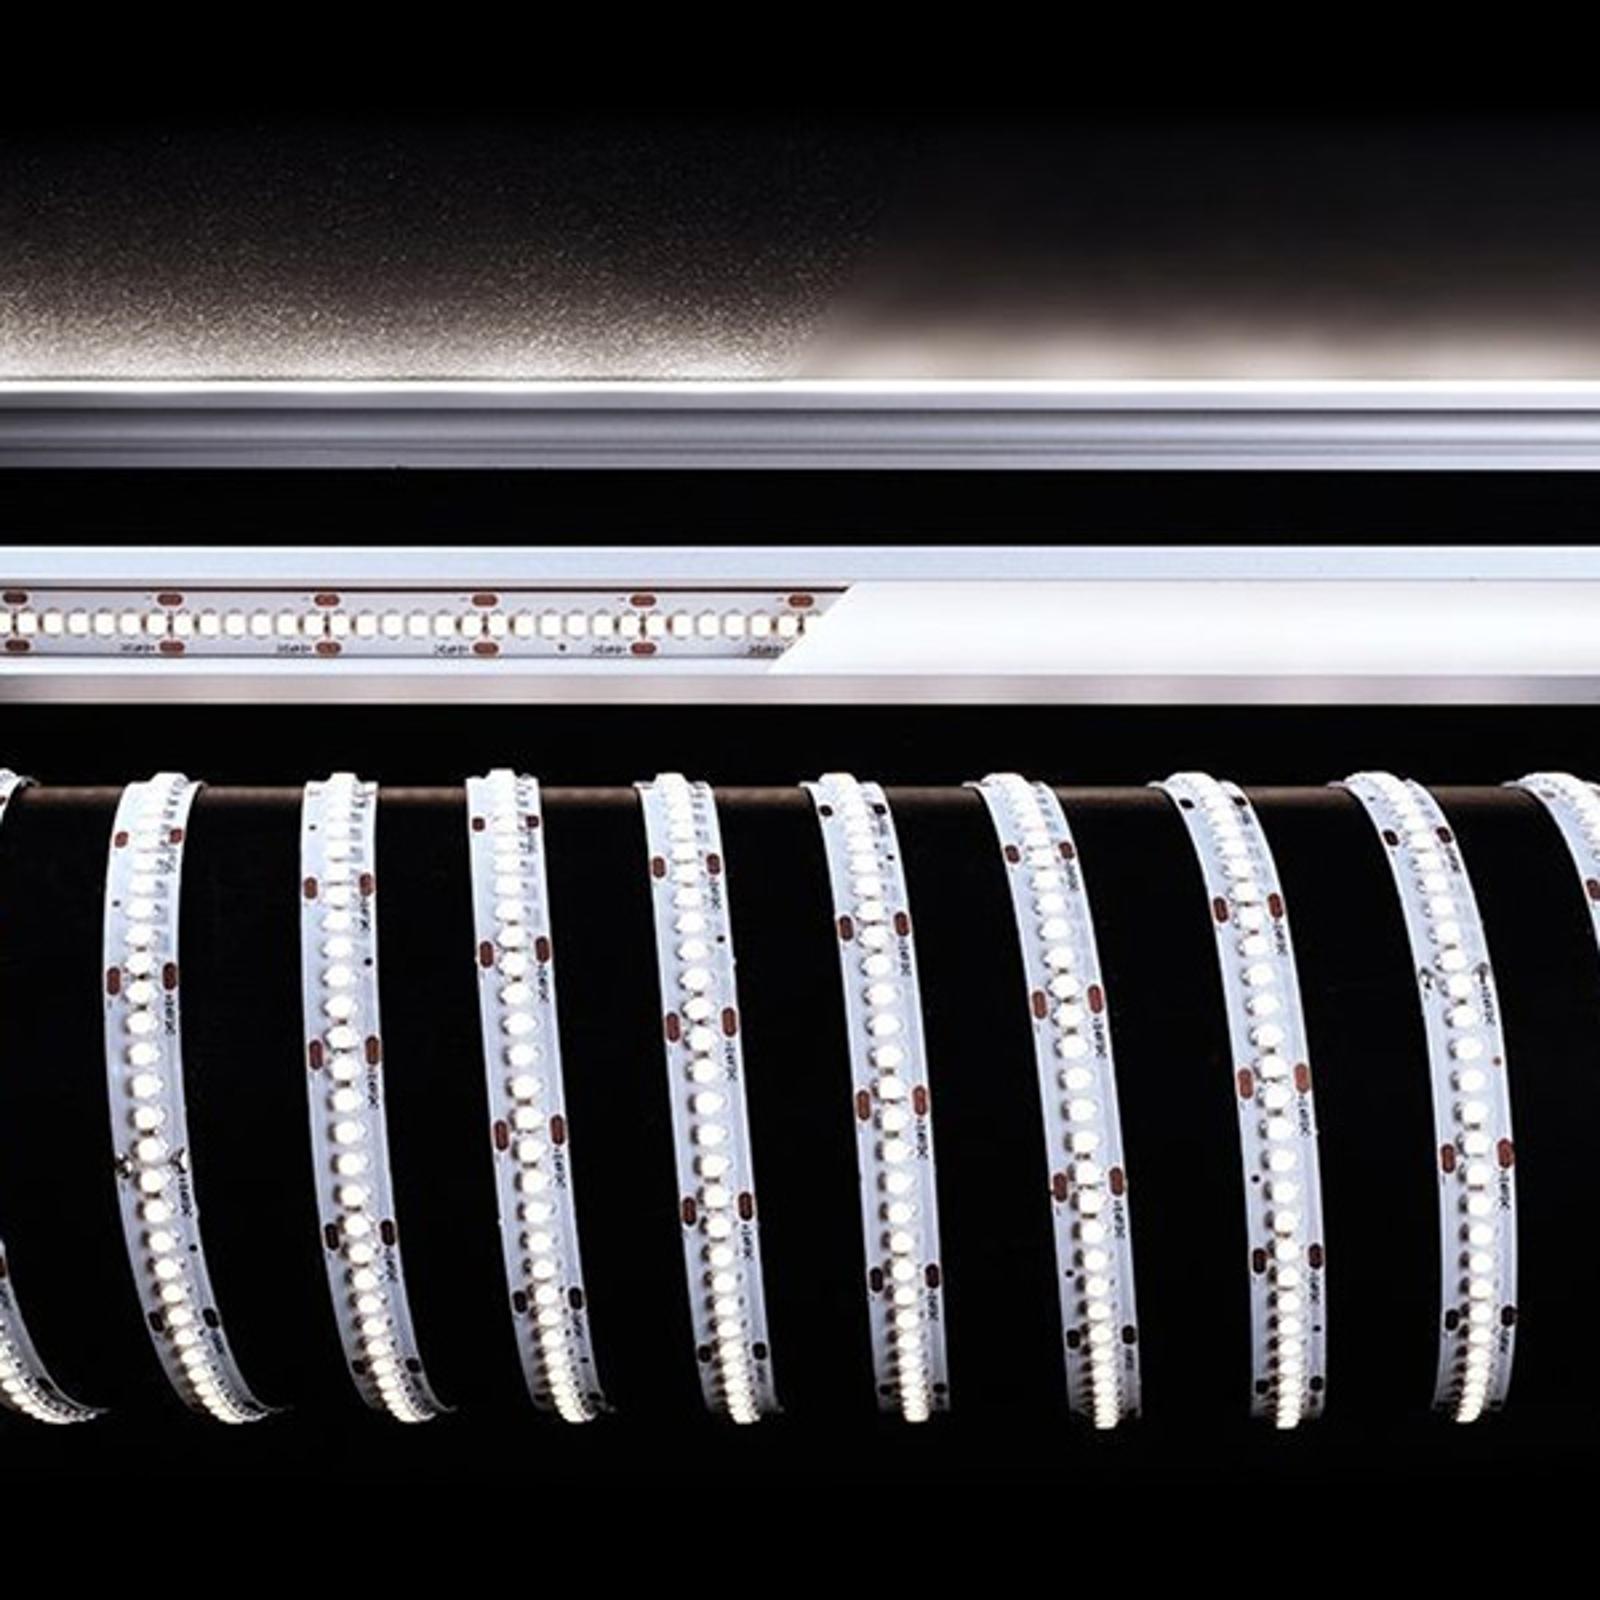 Flexibler LED-Strip, 90 W, 500x1x0,3 cm, 4.000 K